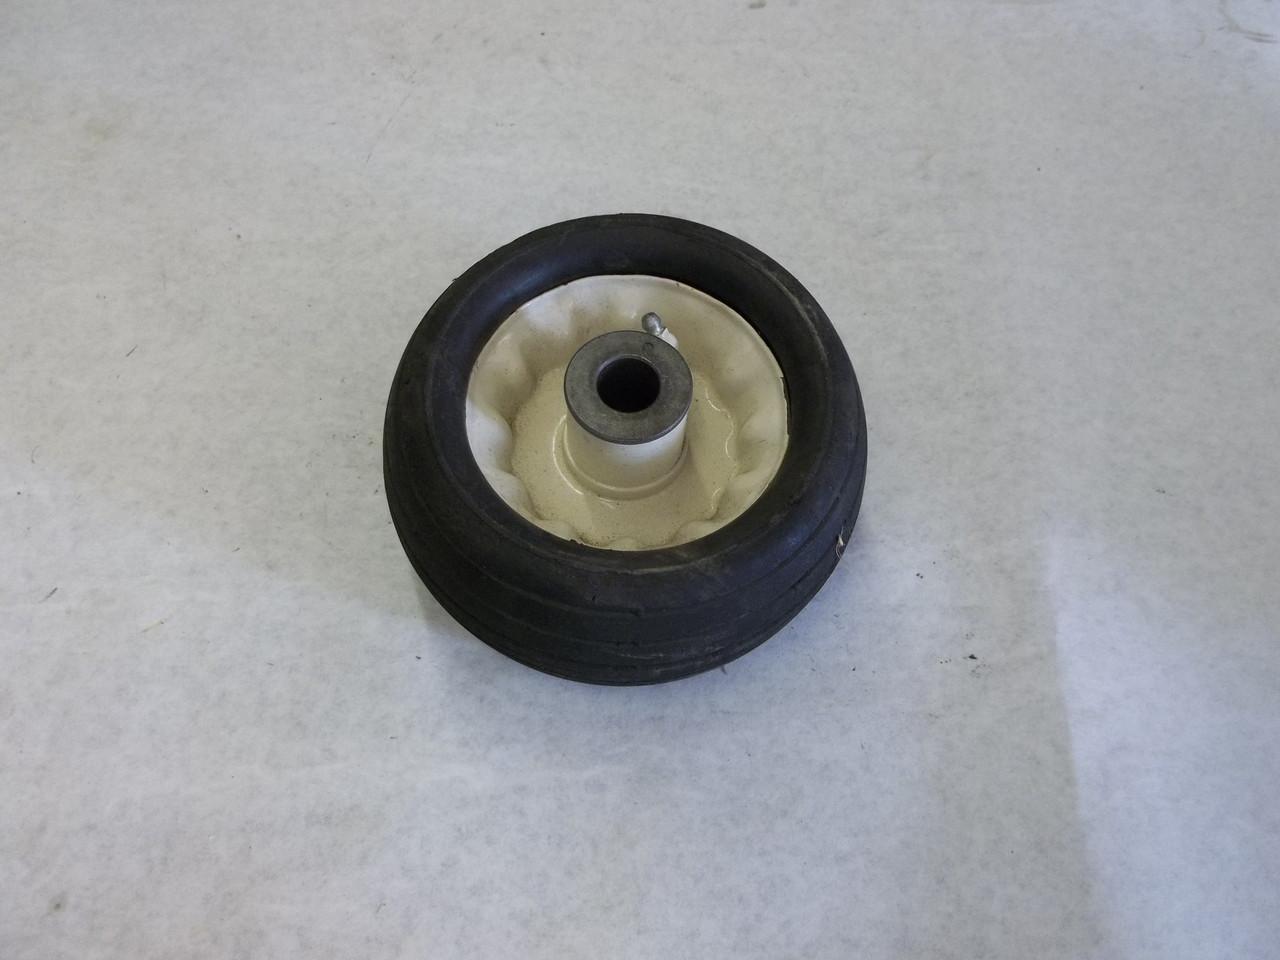 Cub Cadet Haban Mower Deck Idler Wheel (2B)